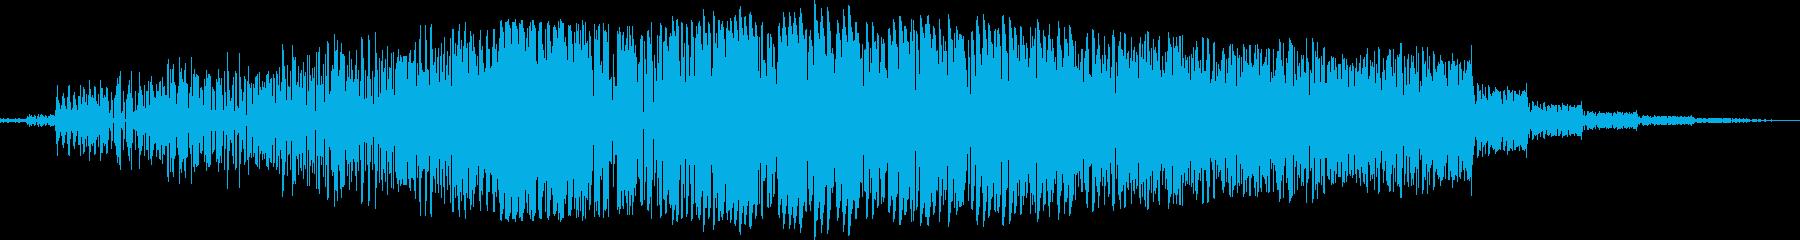 ヘビーランブルへのフィルターパスの再生済みの波形